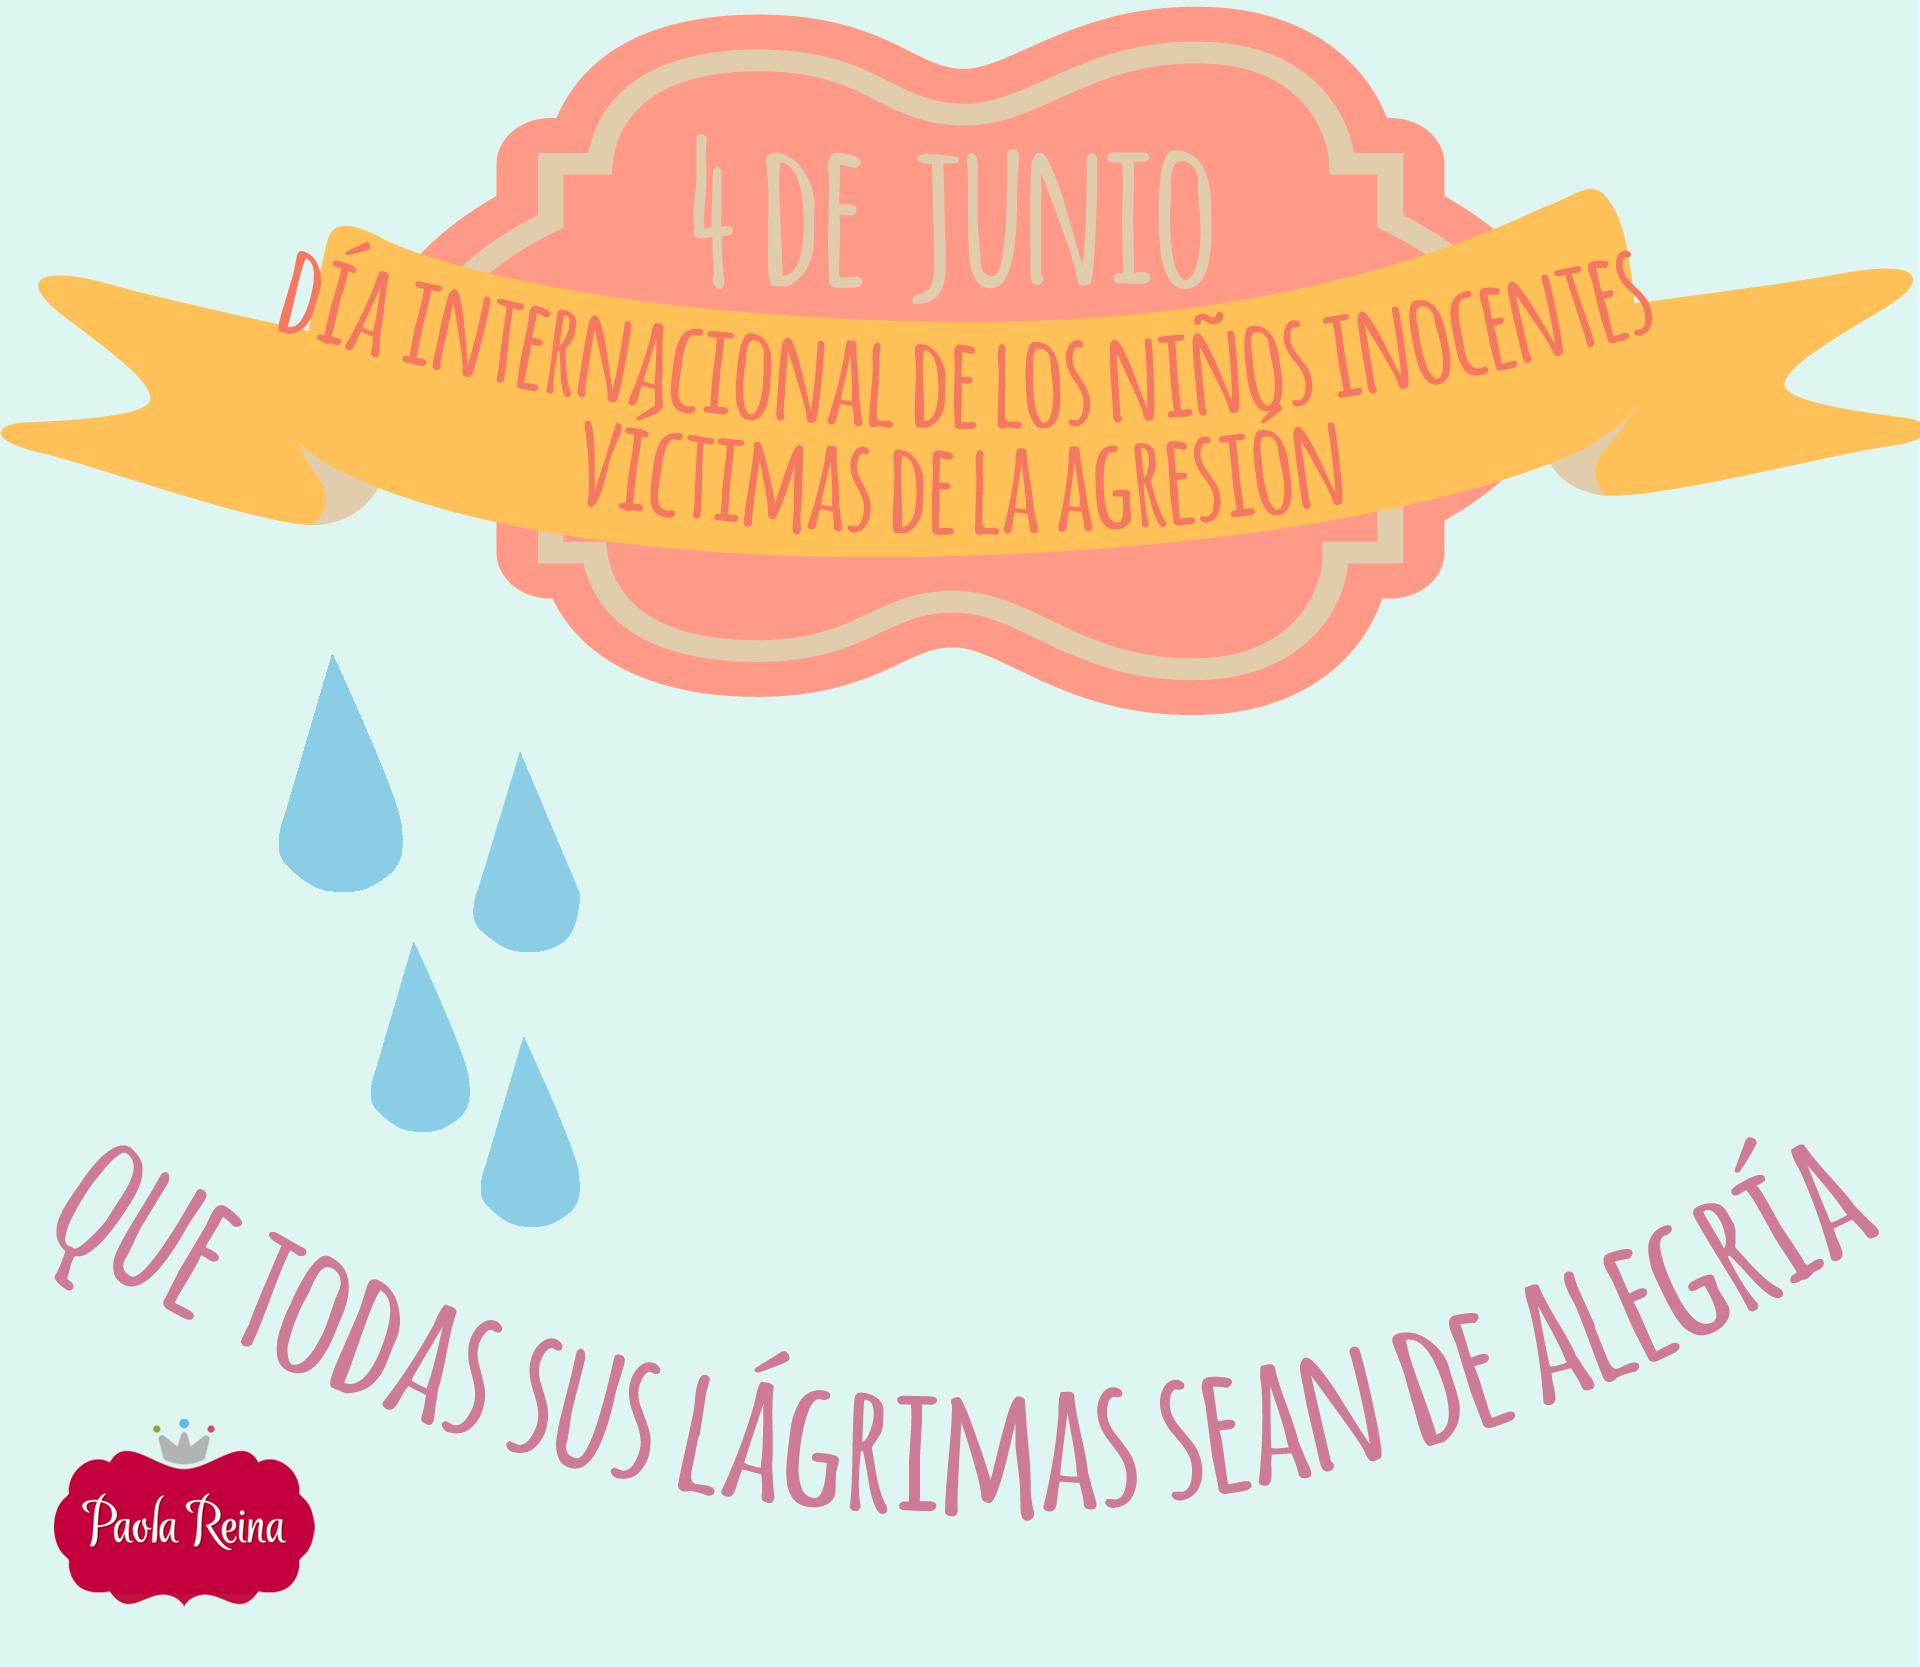 dia_internacional_niños_inocentes_muñecas_Paola_Reina